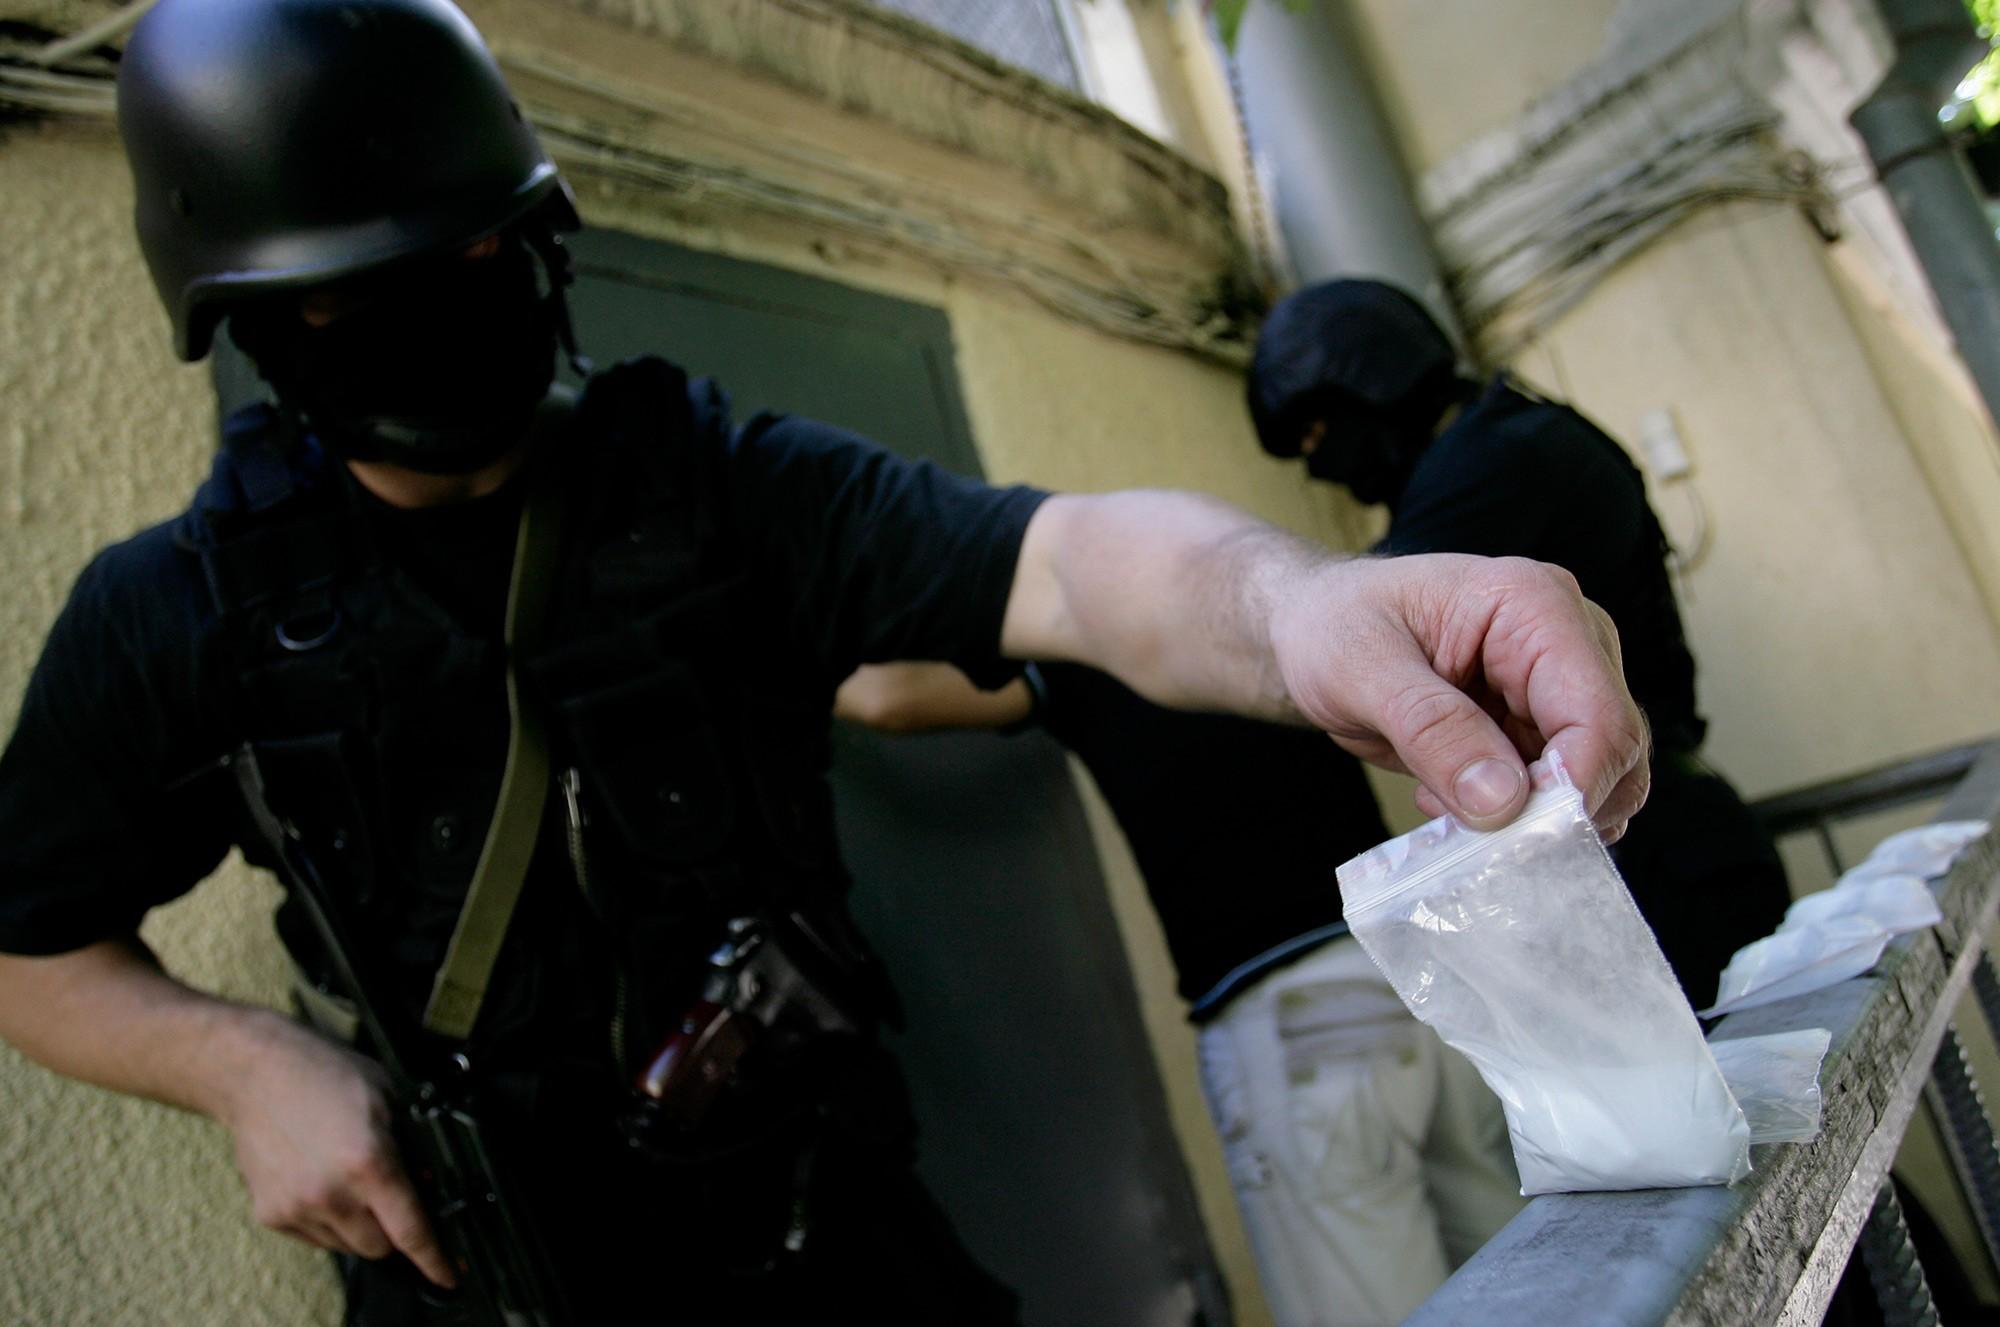 МВД возбудило уголовное дело по факту хищения 500 млн рублей, выделенных на модернизацию МКС